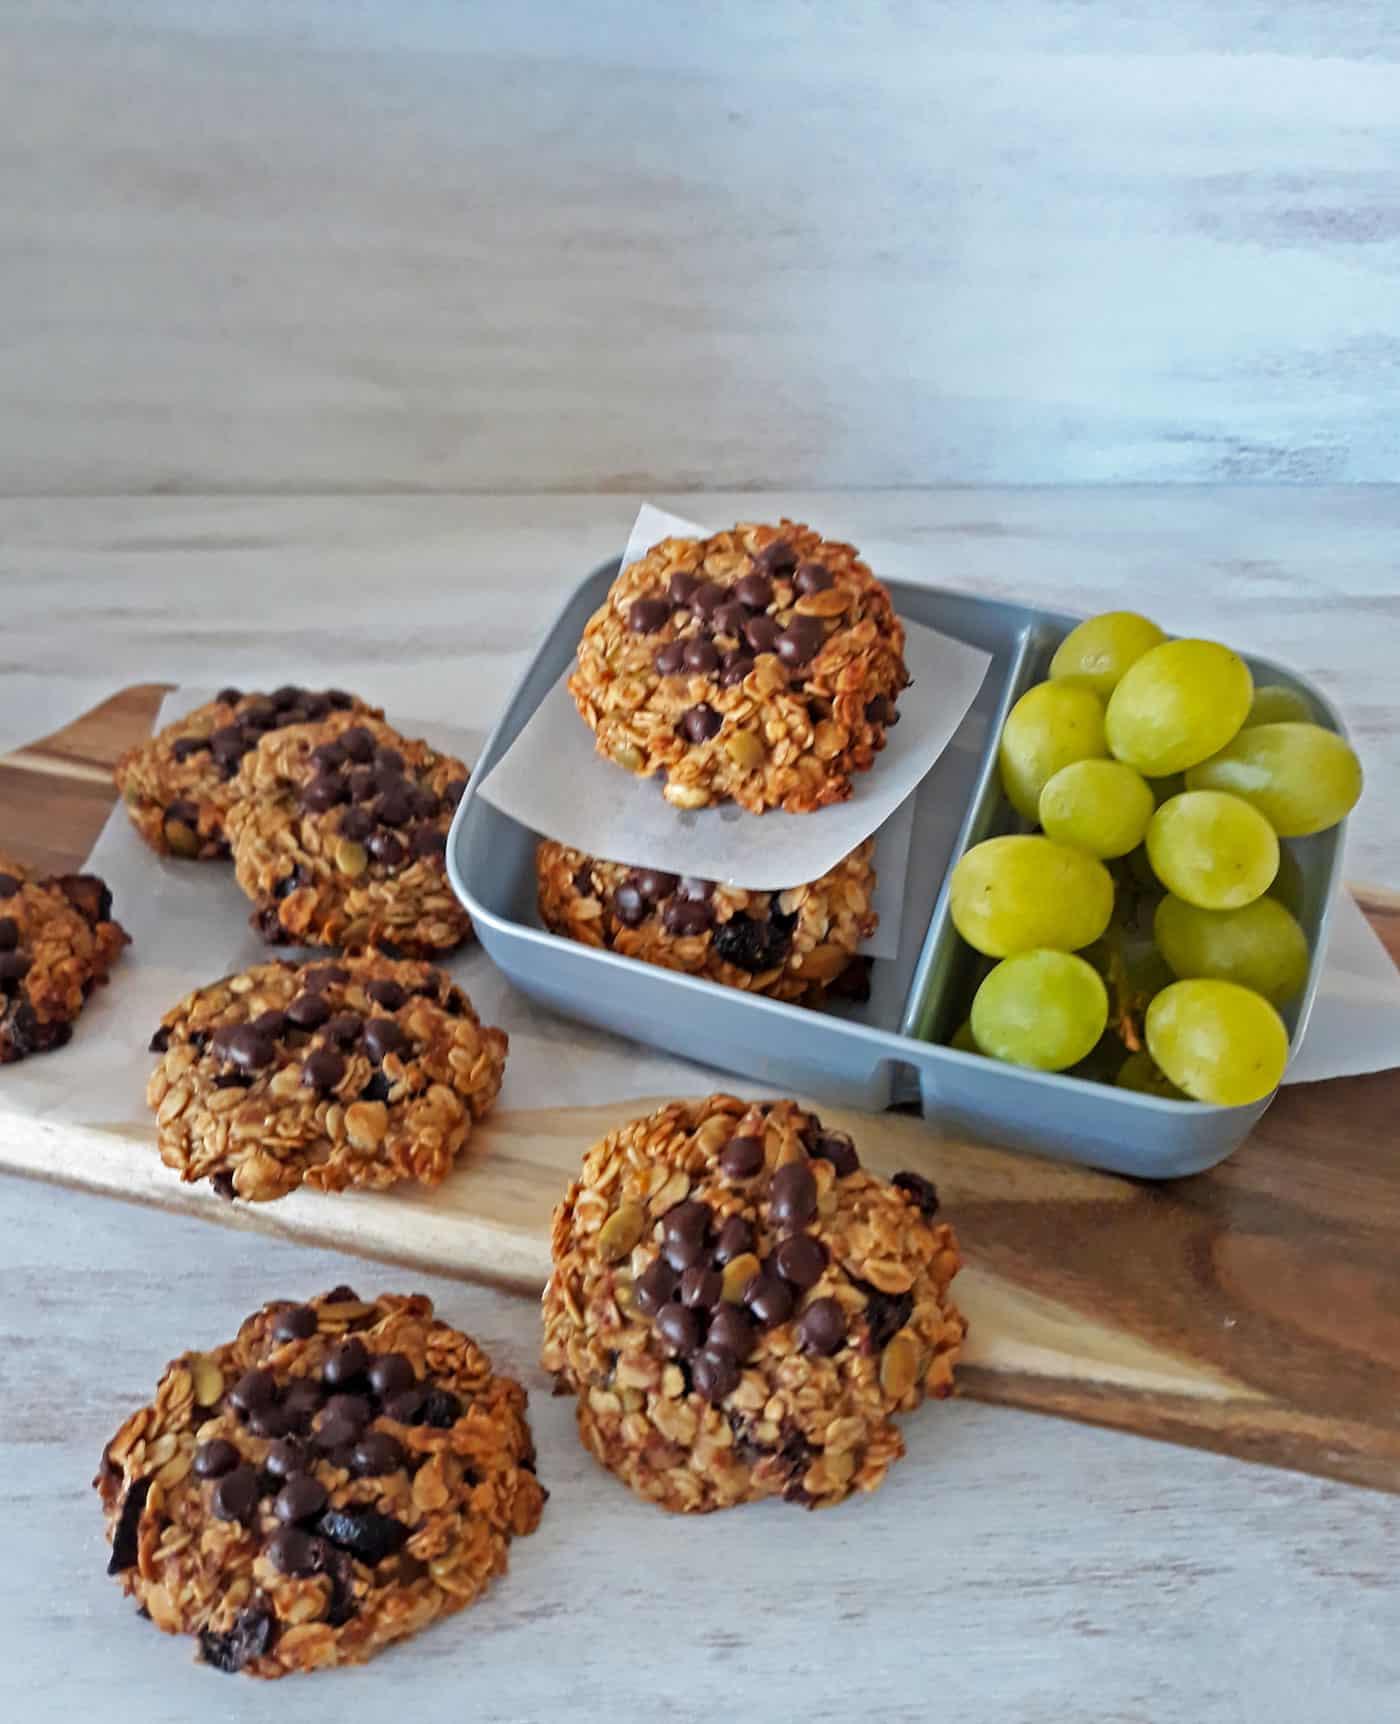 galletas de avena y chips de chocolate con uvas verdes sobre una mesa